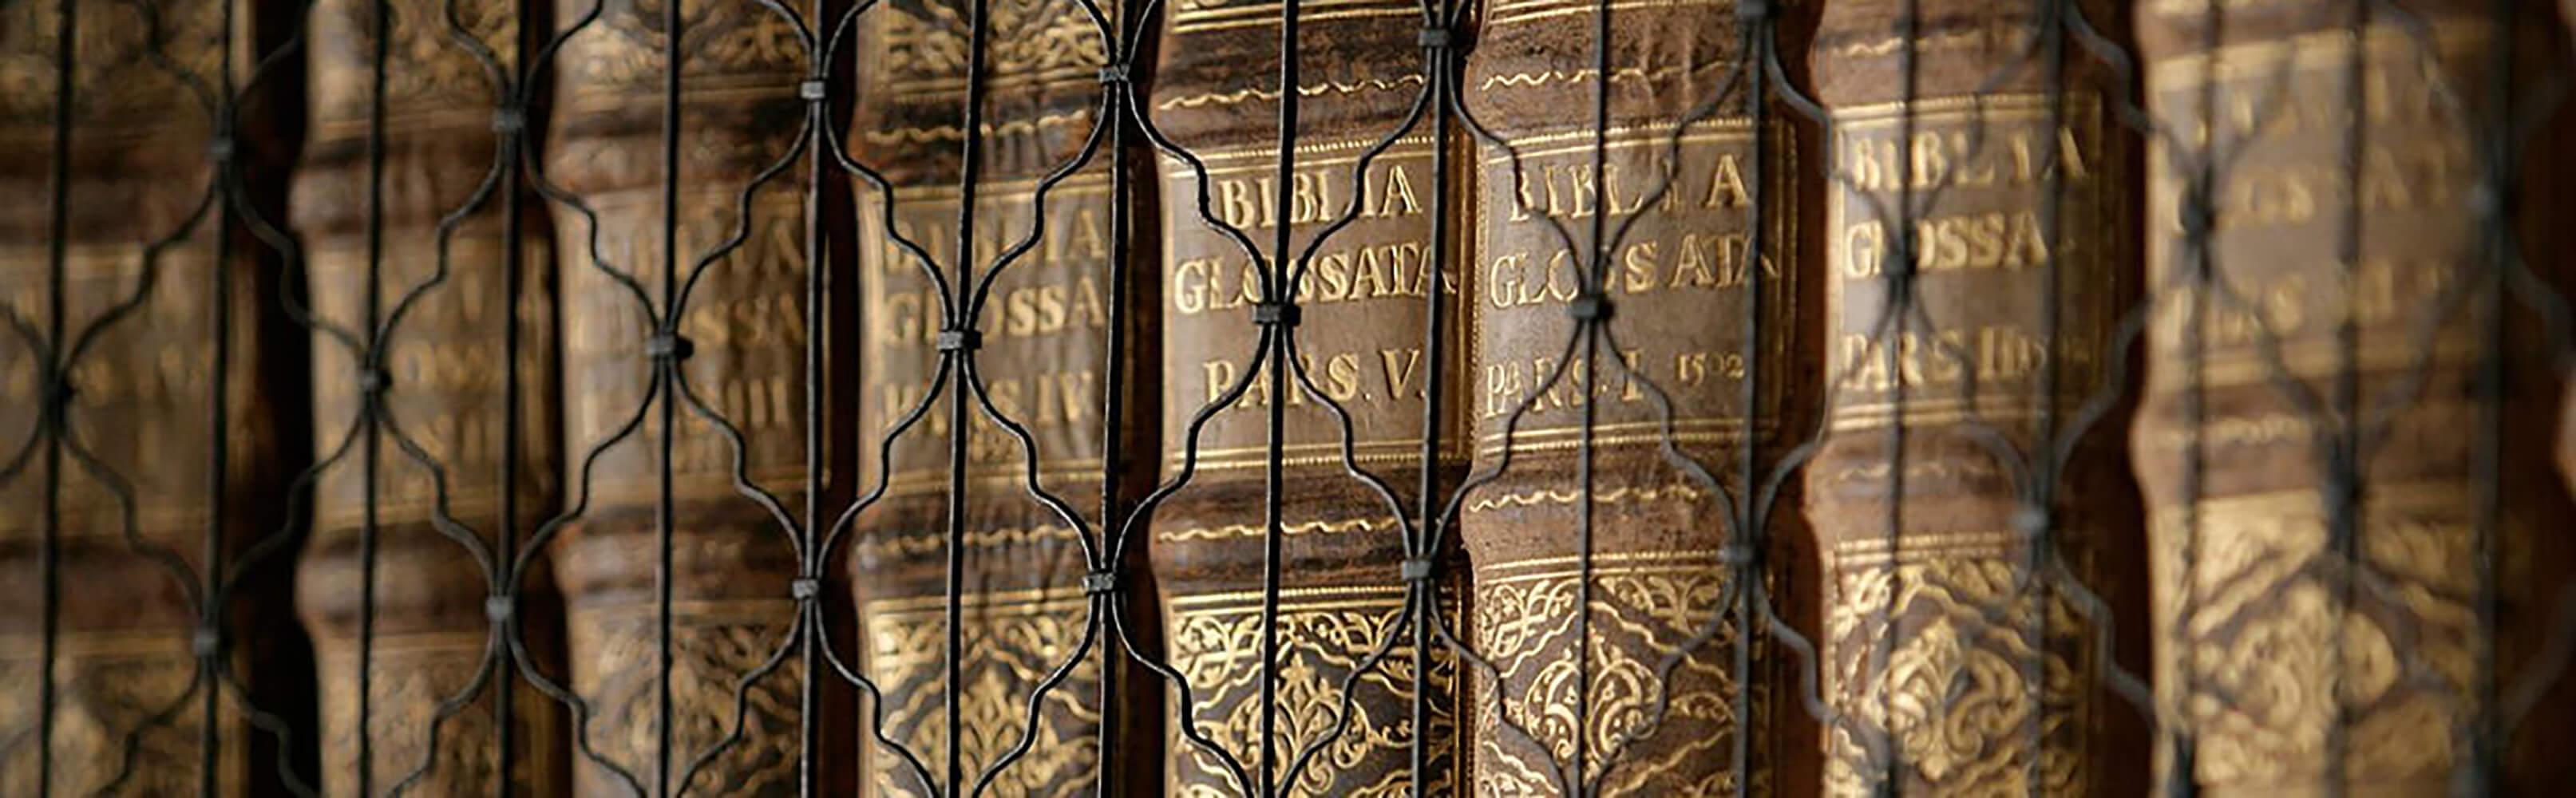 Stiftsbibliothek Kloster St. Gallen 1